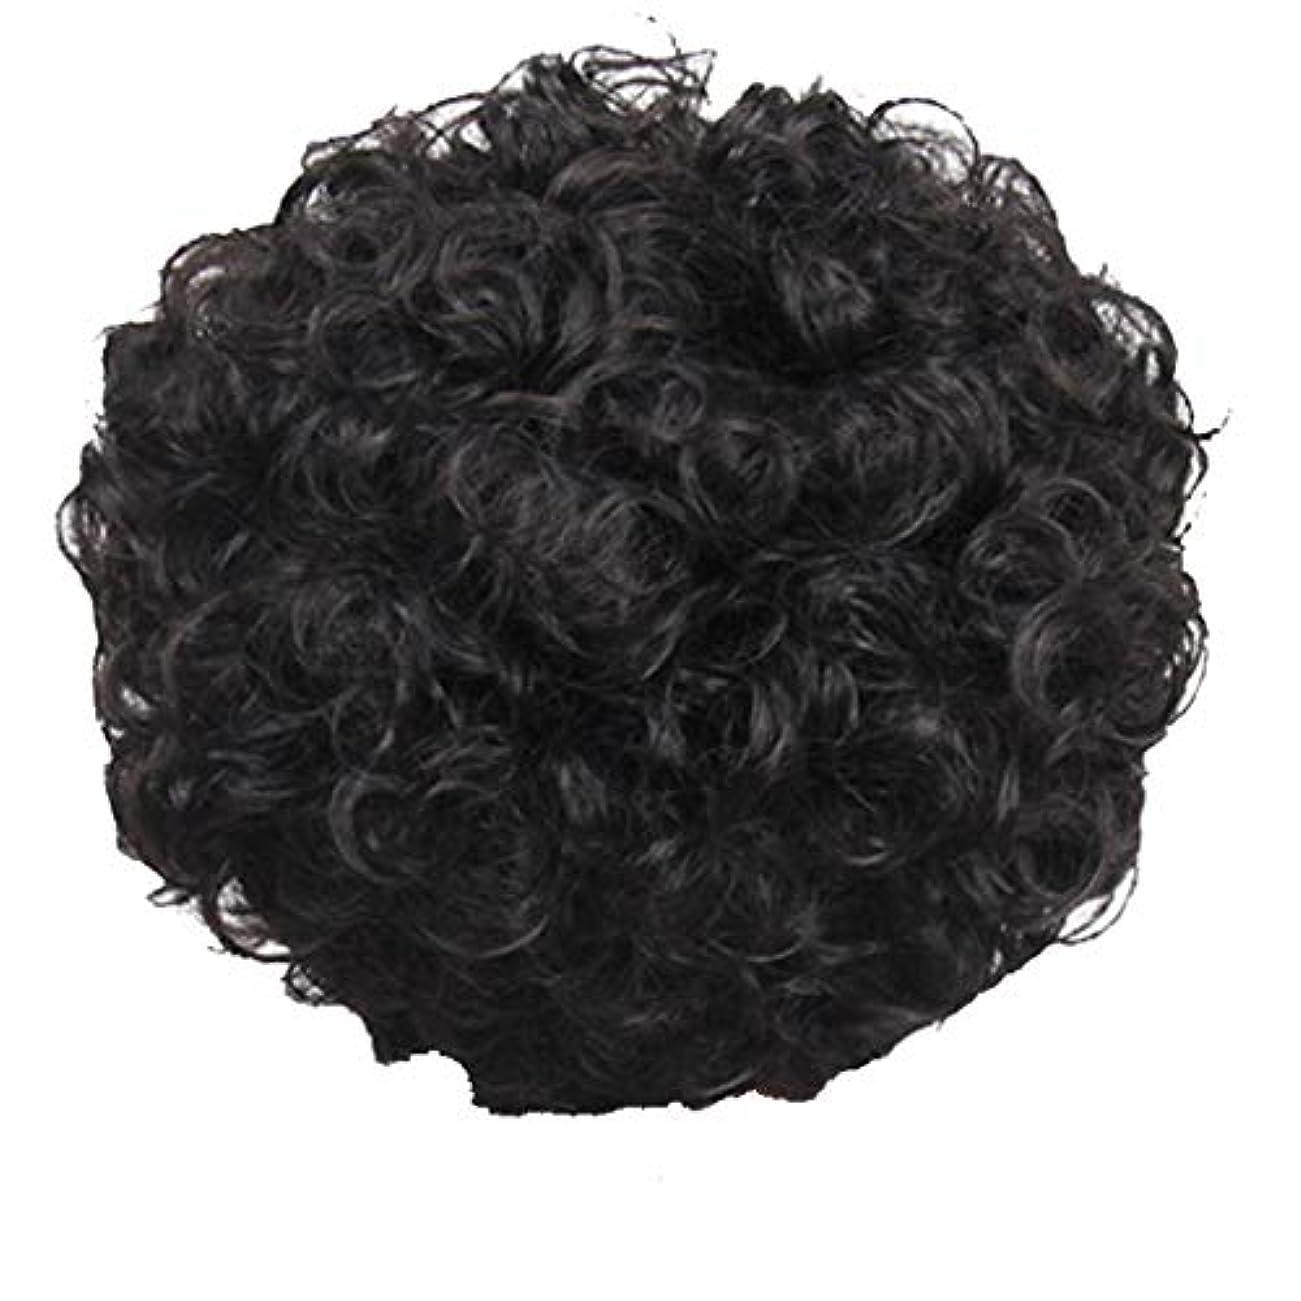 シンク飢ワックスかつら、女性、短い髪、巻き毛、かつら、エルフカット、かつらキャップ、27cm